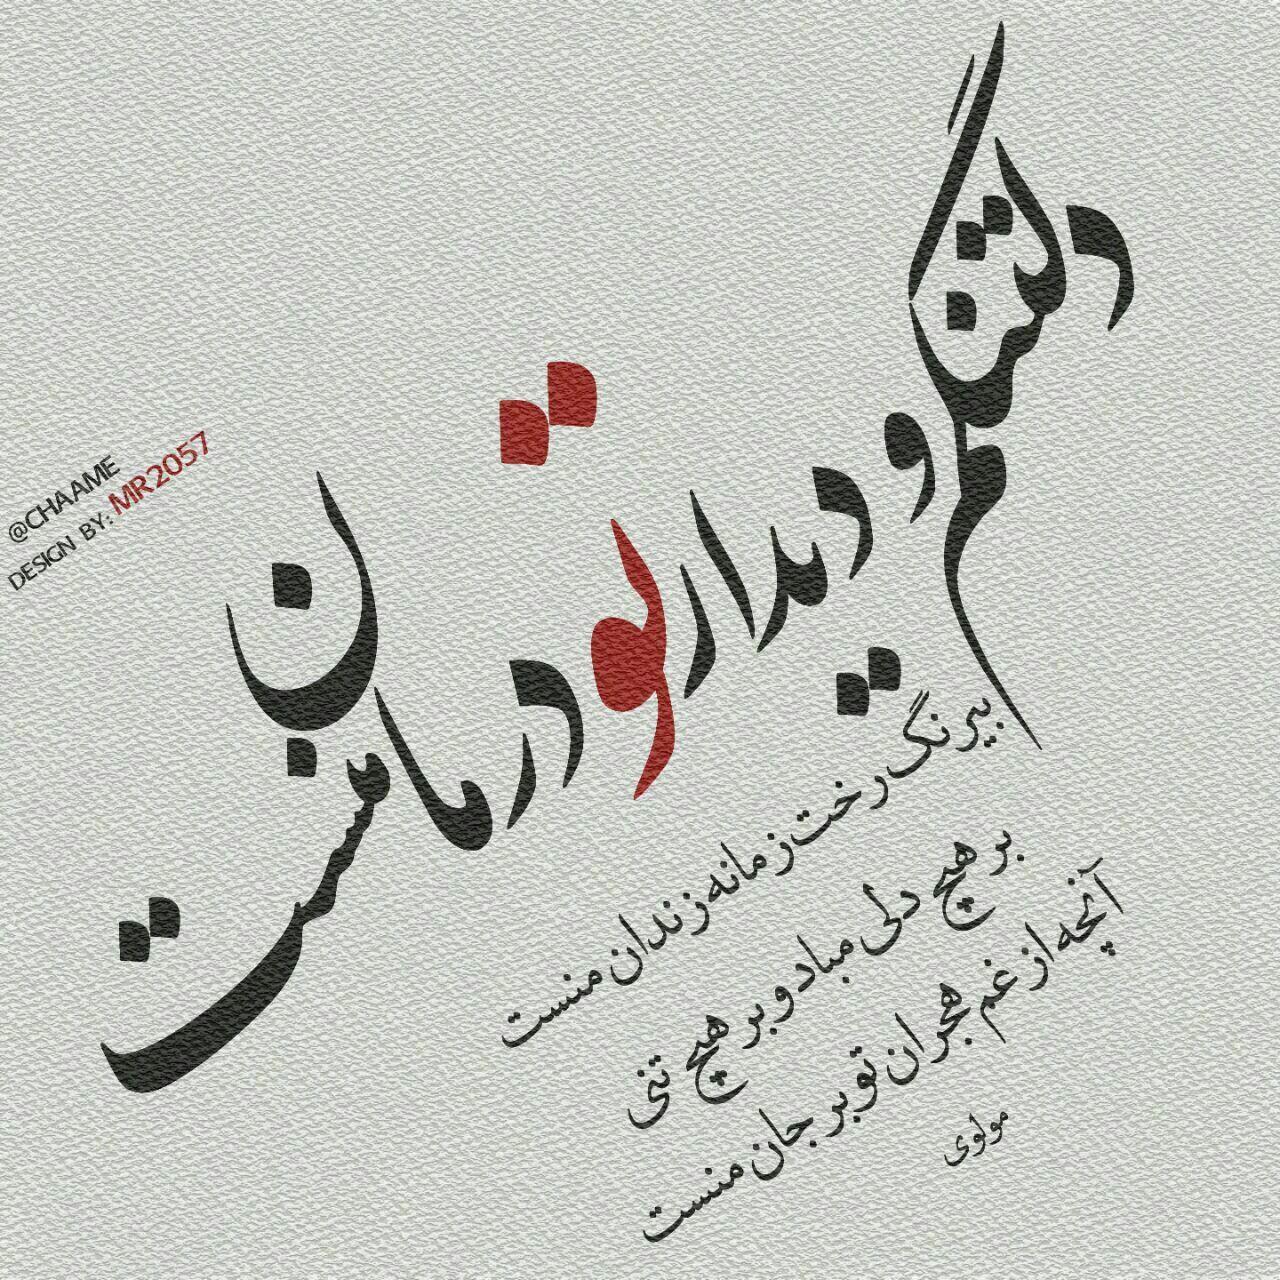 دڵتەنگم و دیداری تـۆ دەرمانی منە Persian Poem Calligraphy Persian Poetry Persian Poem